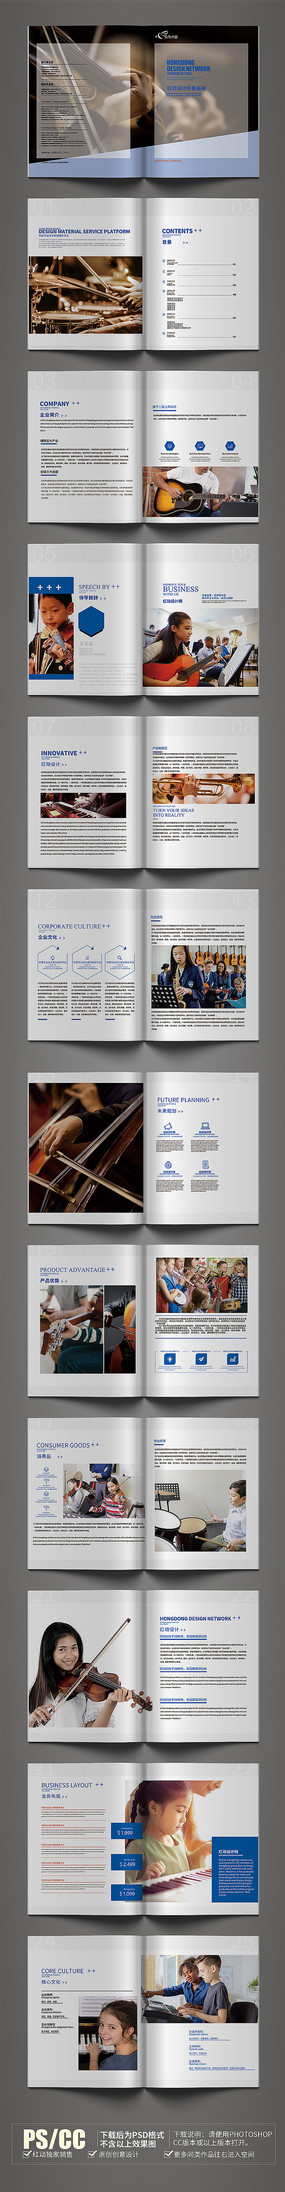 大气乐器培训班招生宣传画册模板设计